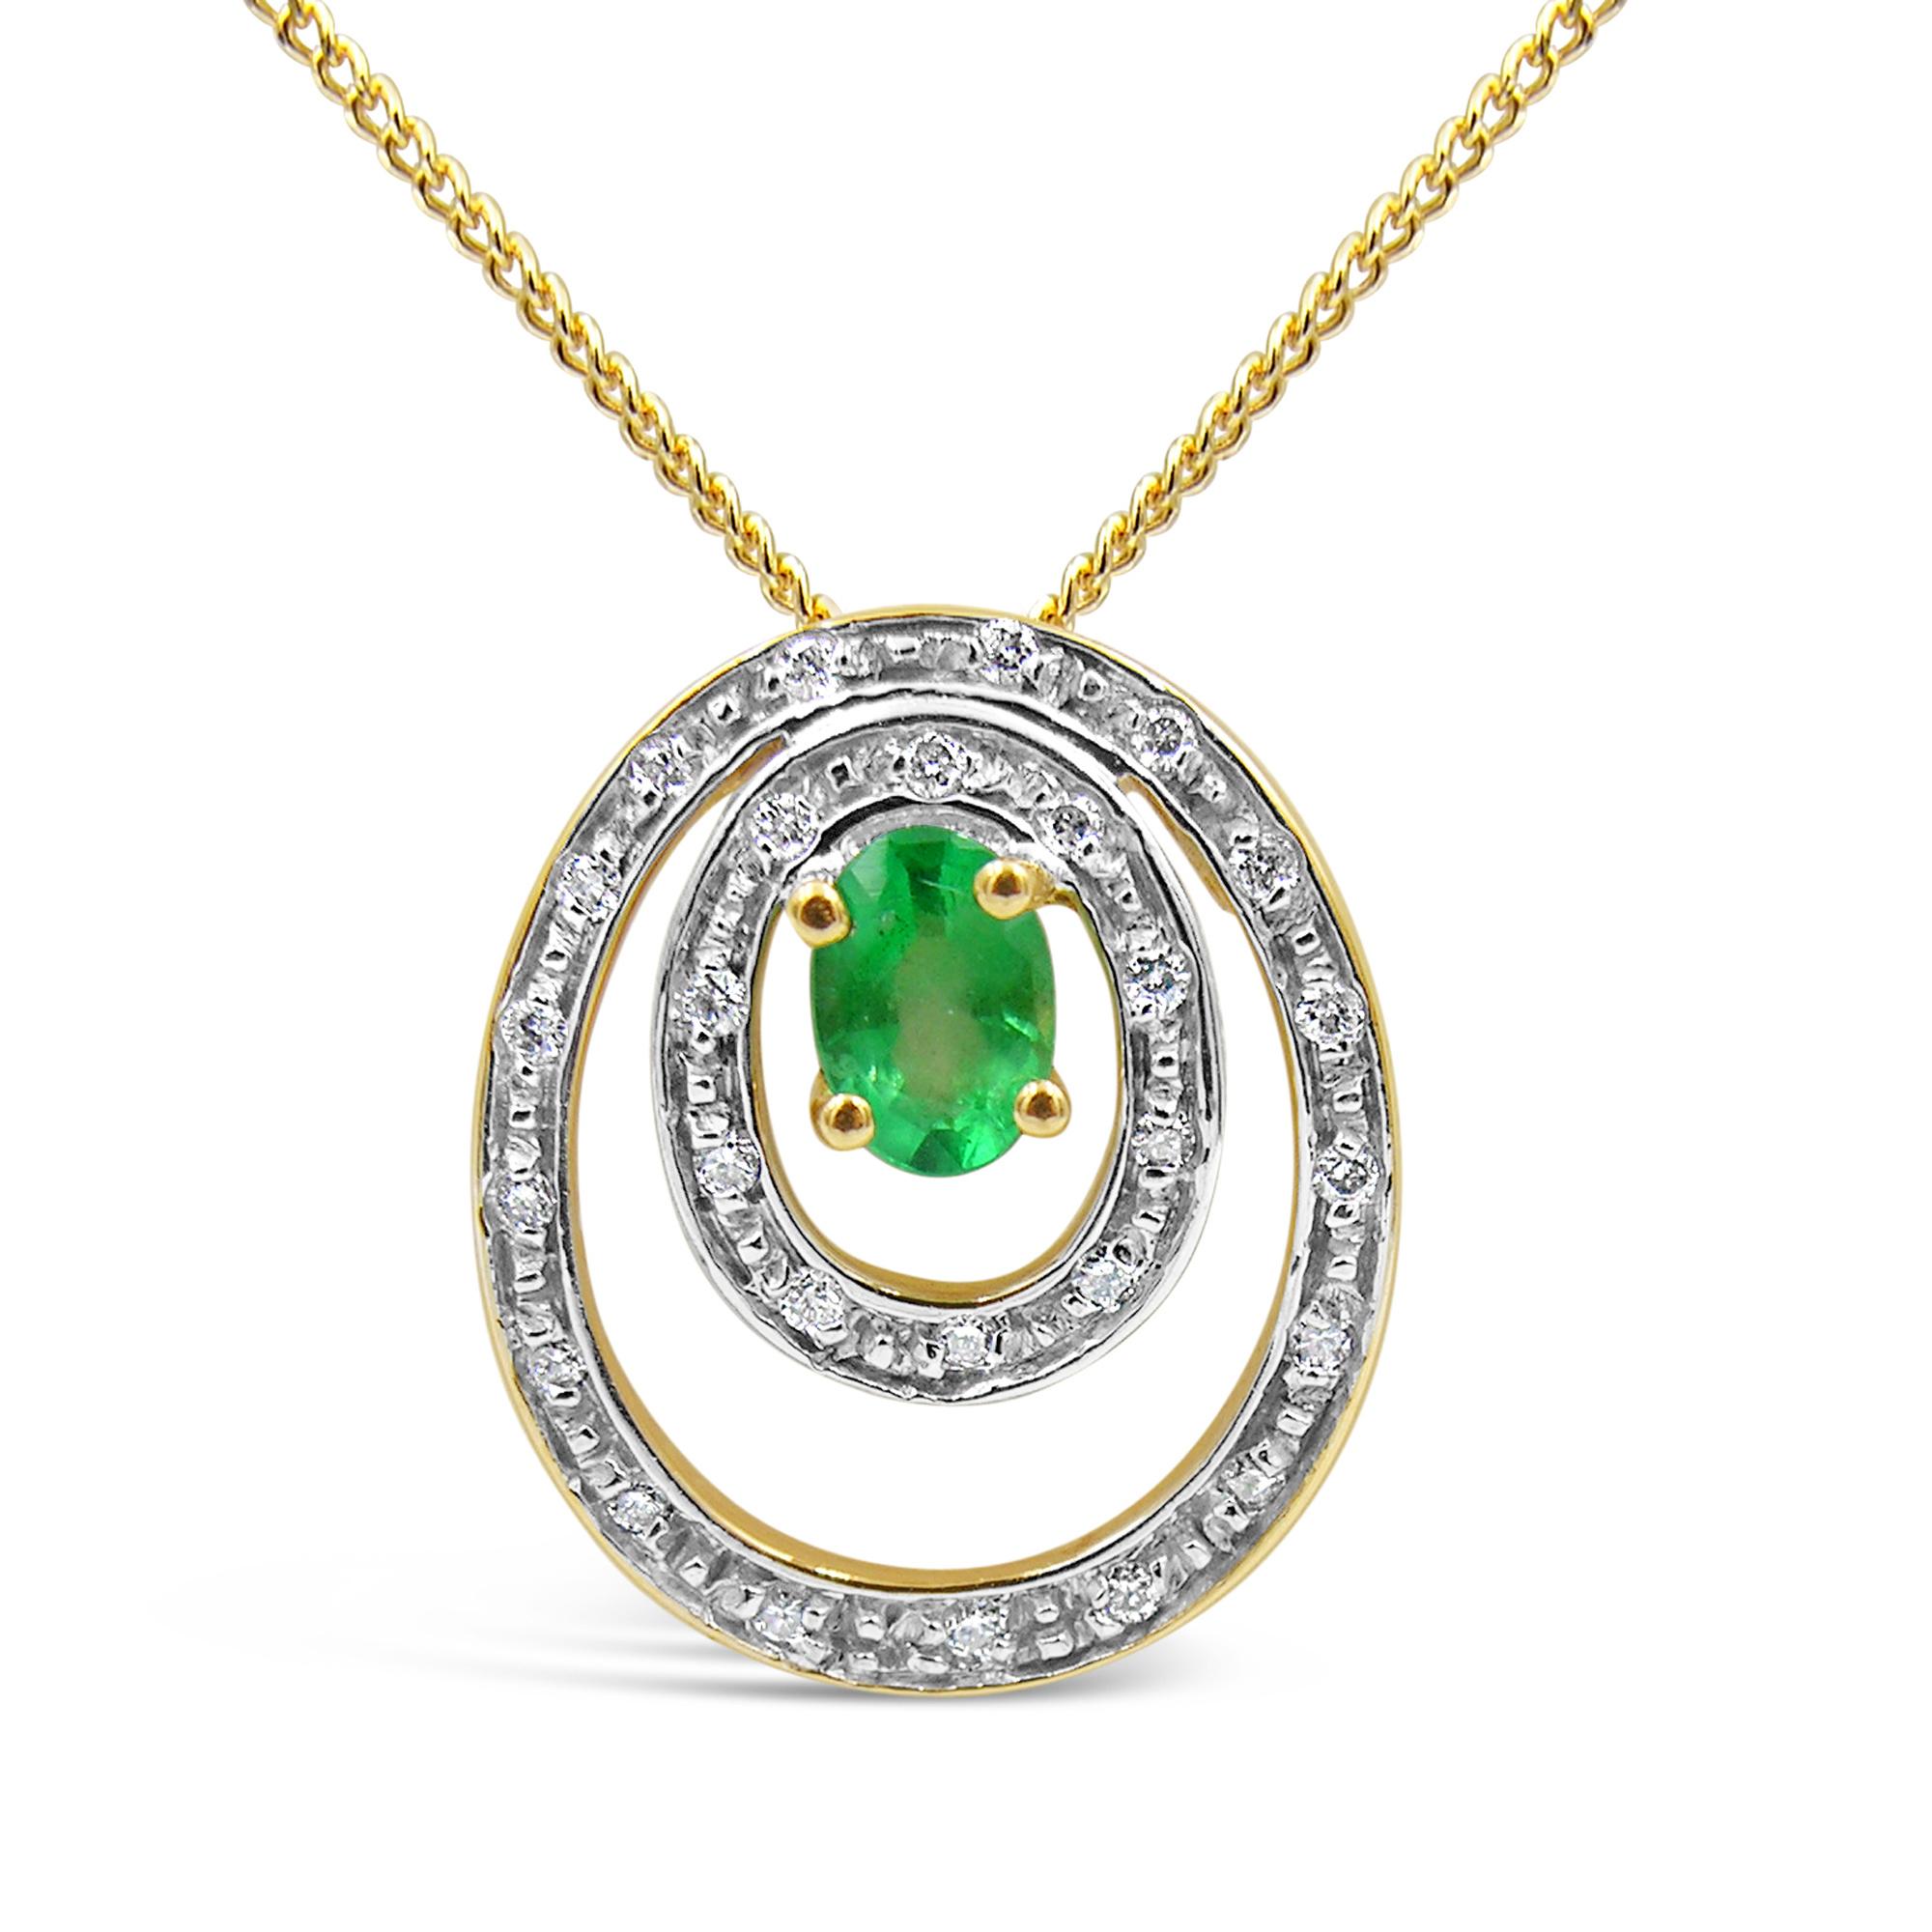 18 karaat geel & wit goud hanger met 0.15 ct diamanten & 0.45 ct smaragd